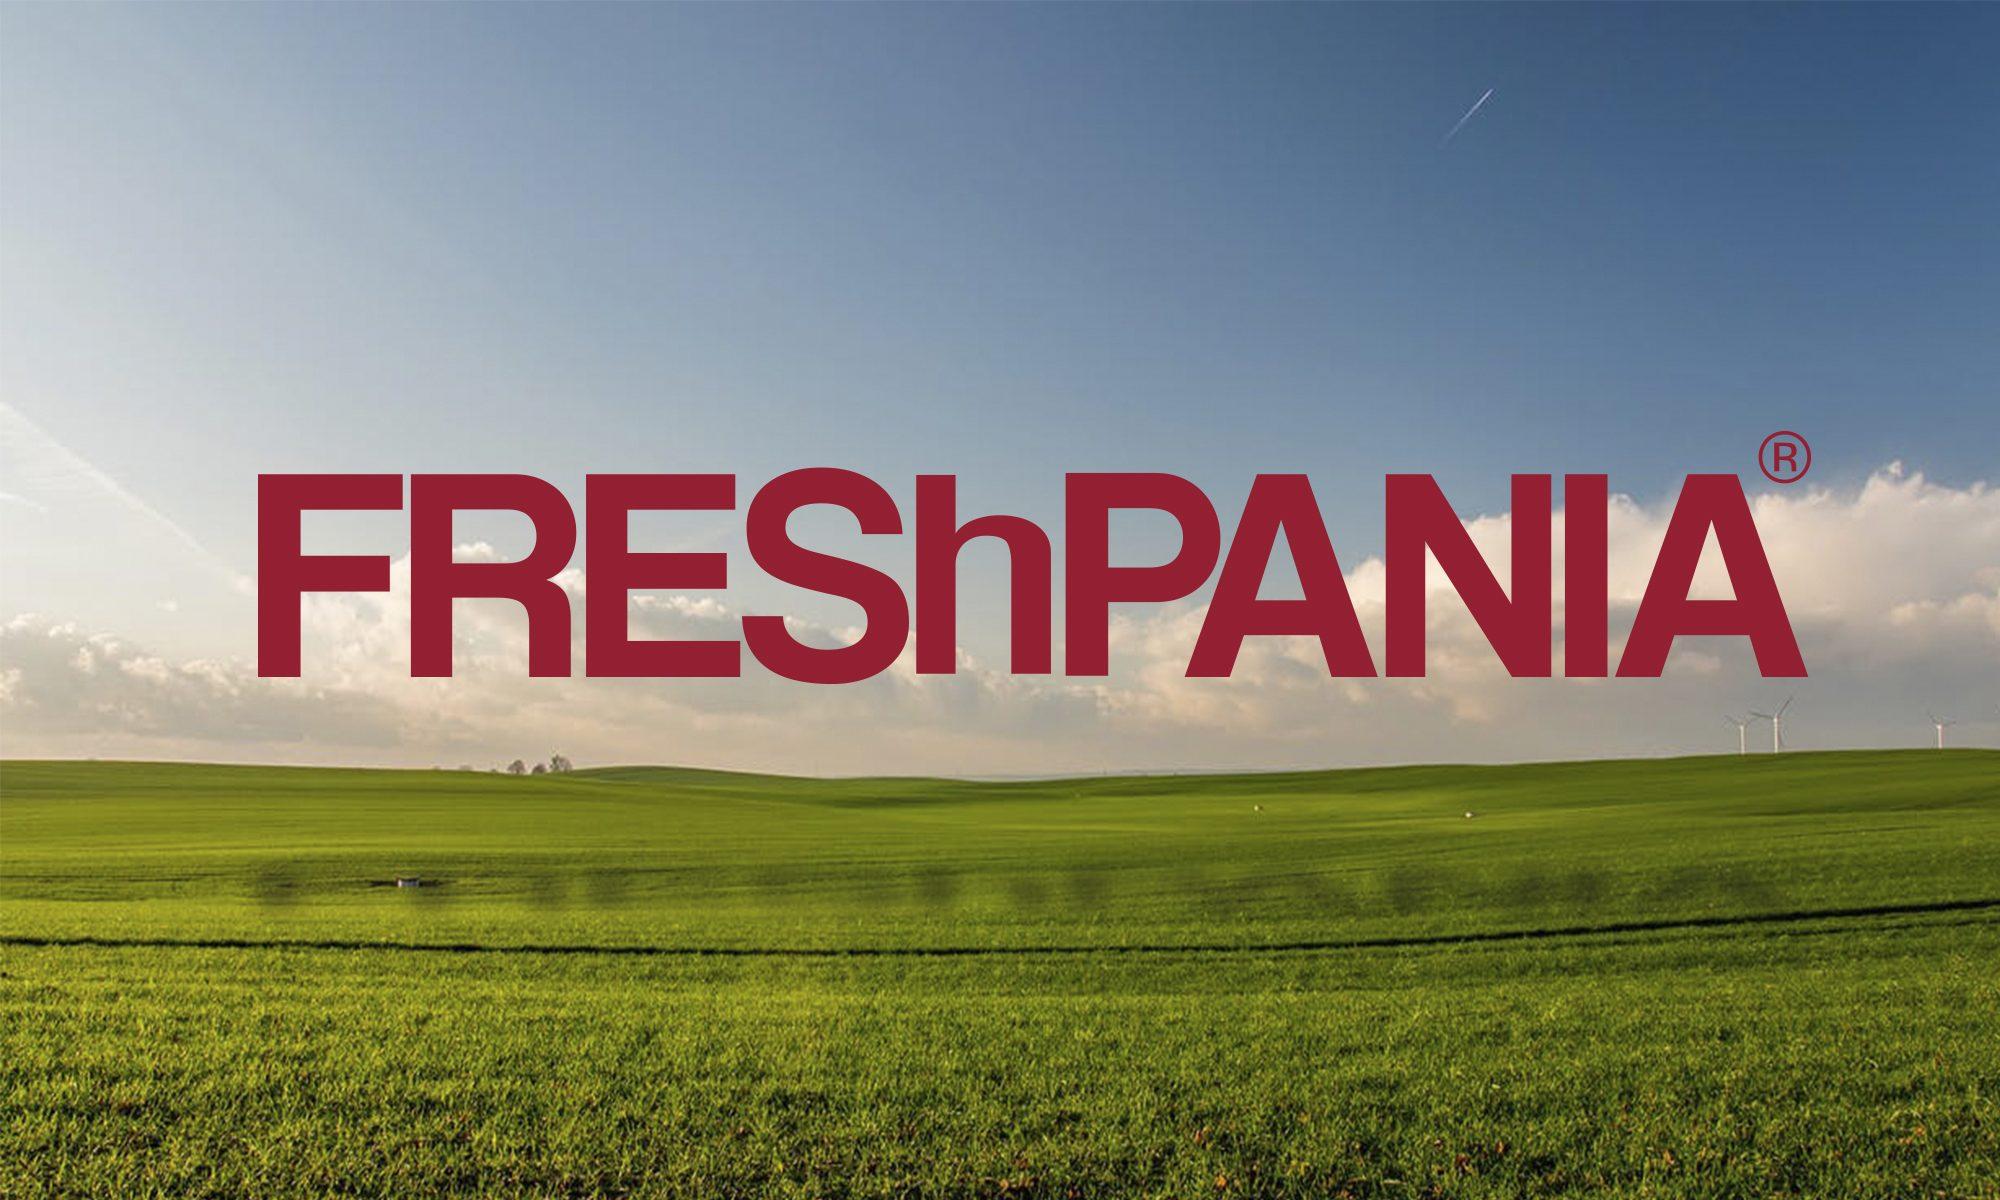 Freshpania